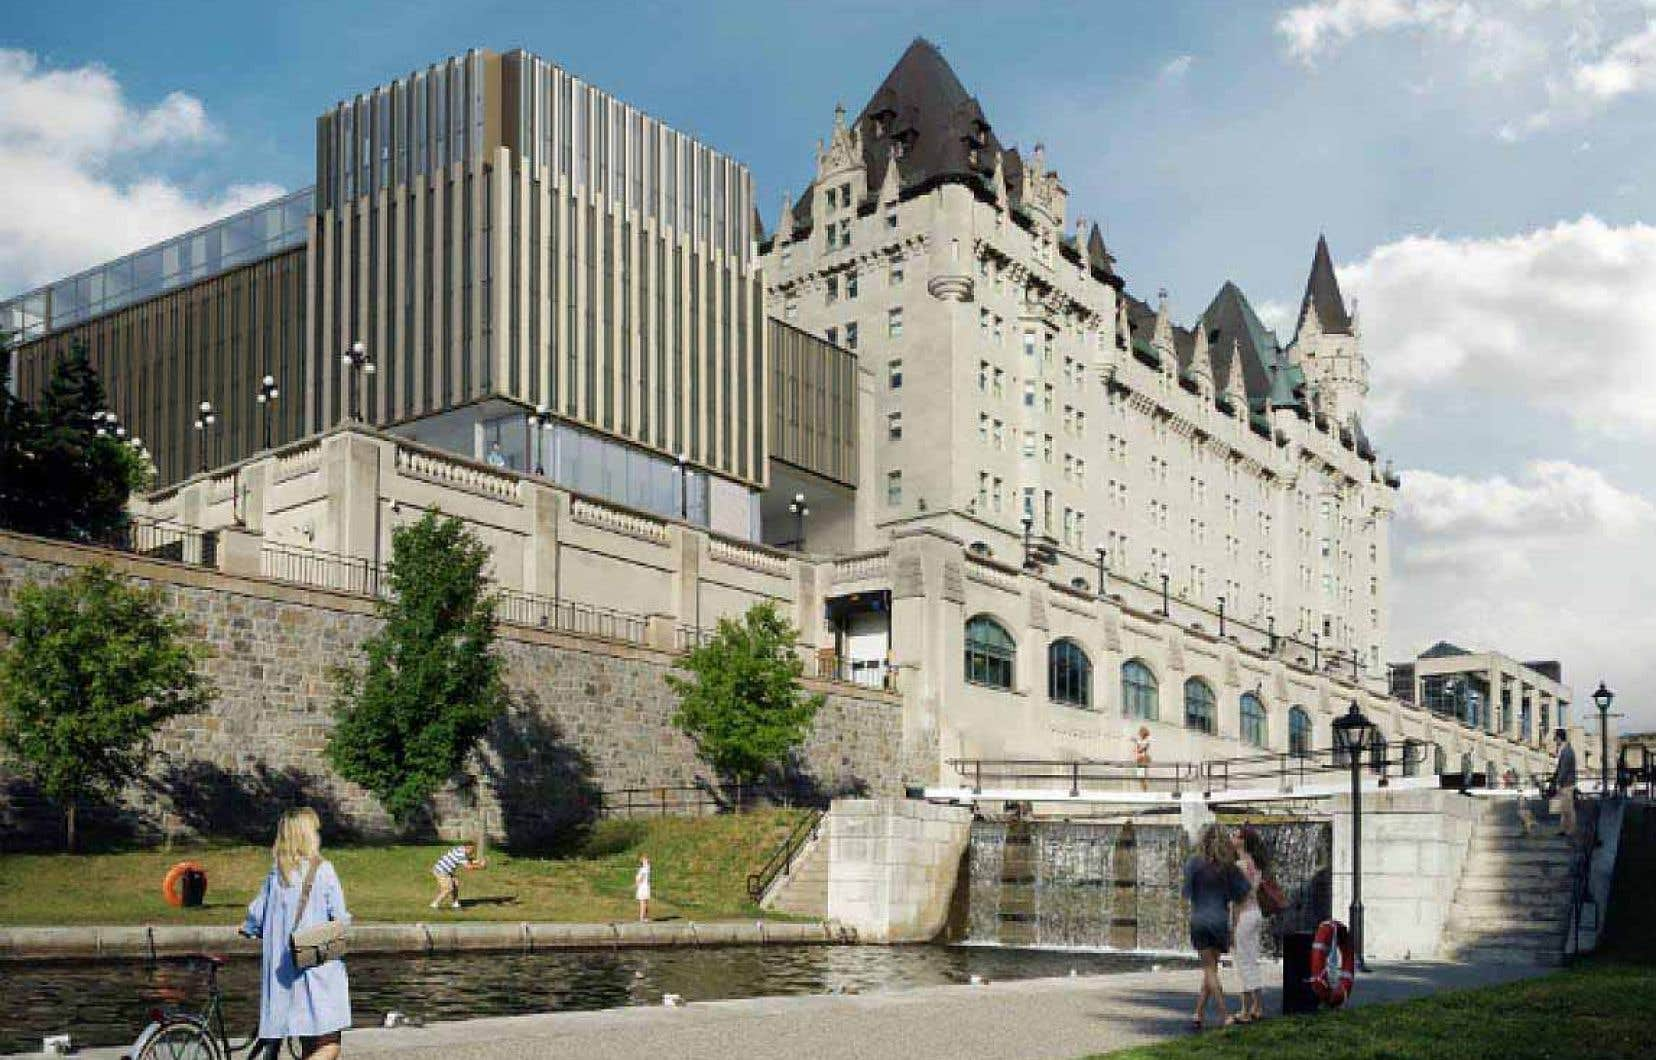 Voilà à quoi ressemblera le Château Laurier lorsque les travaux d'agrandissement auront été réalisés.